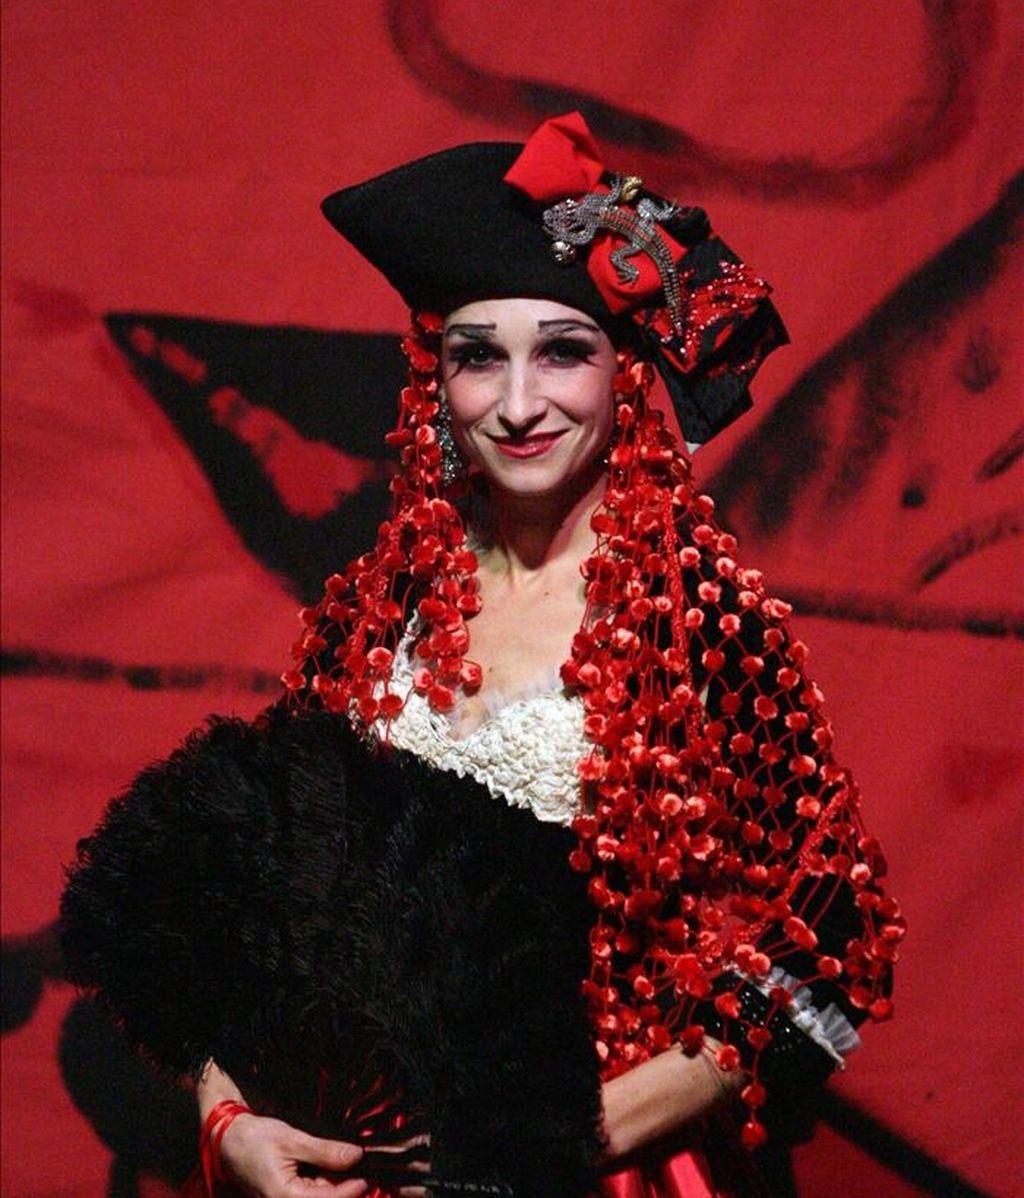 """En la imagen, la actriz y soprano Nene interpretó el papel de la tonadillera y cupletista Raquel Meller en la obra """"Por los ojos de Raquel Meller"""" en 2006 en Madrid. EFE/Archivo"""